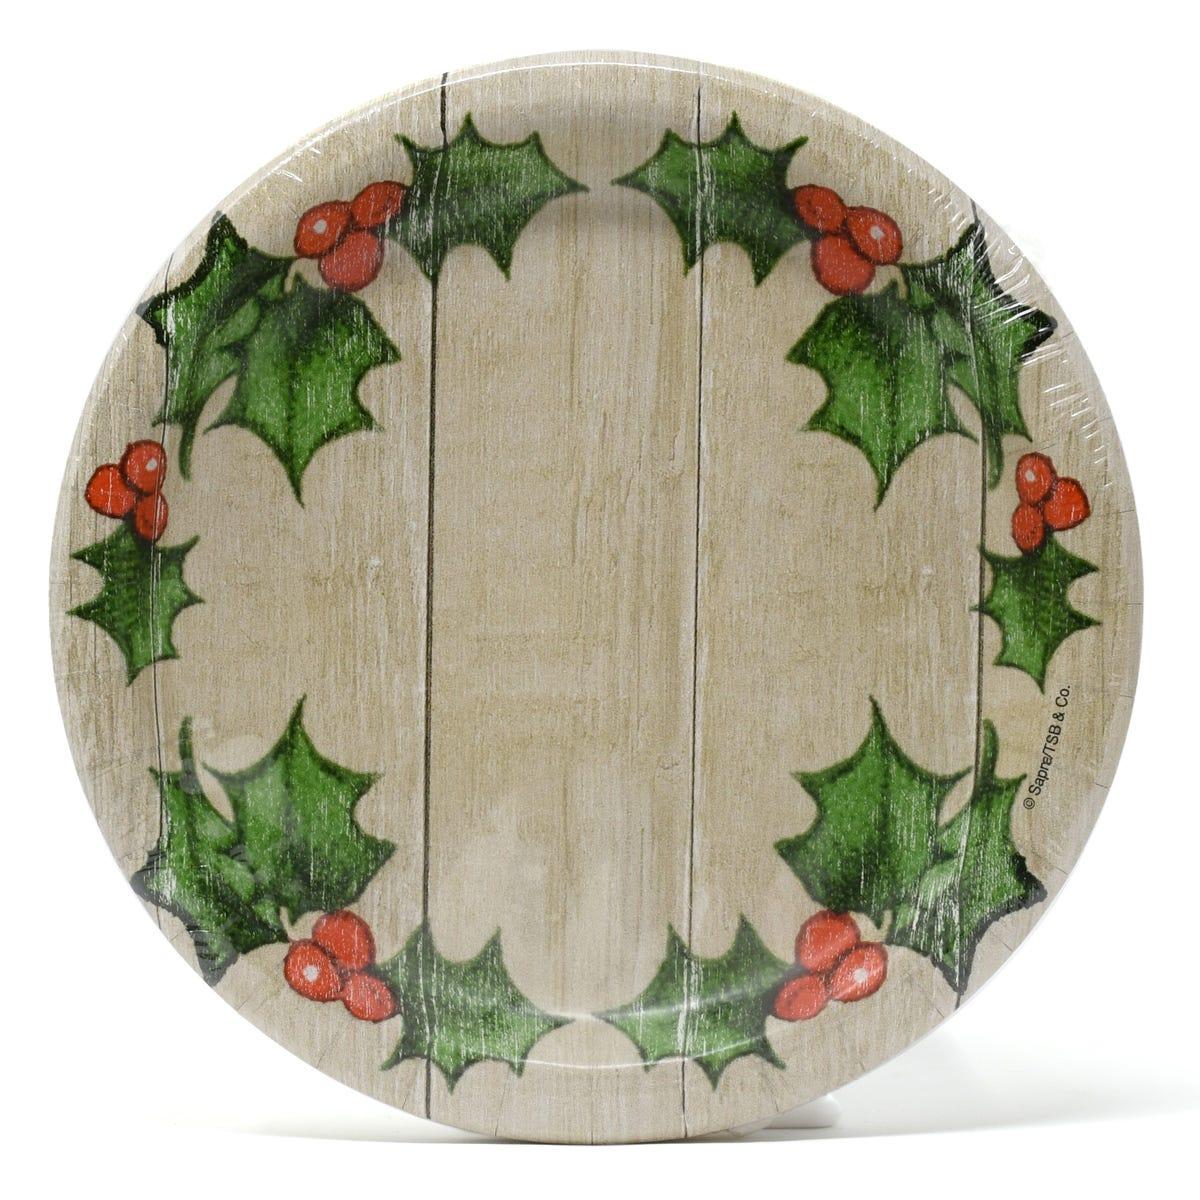 Plato para ensalada Creative Converting con diseño navideño, 12 piezas